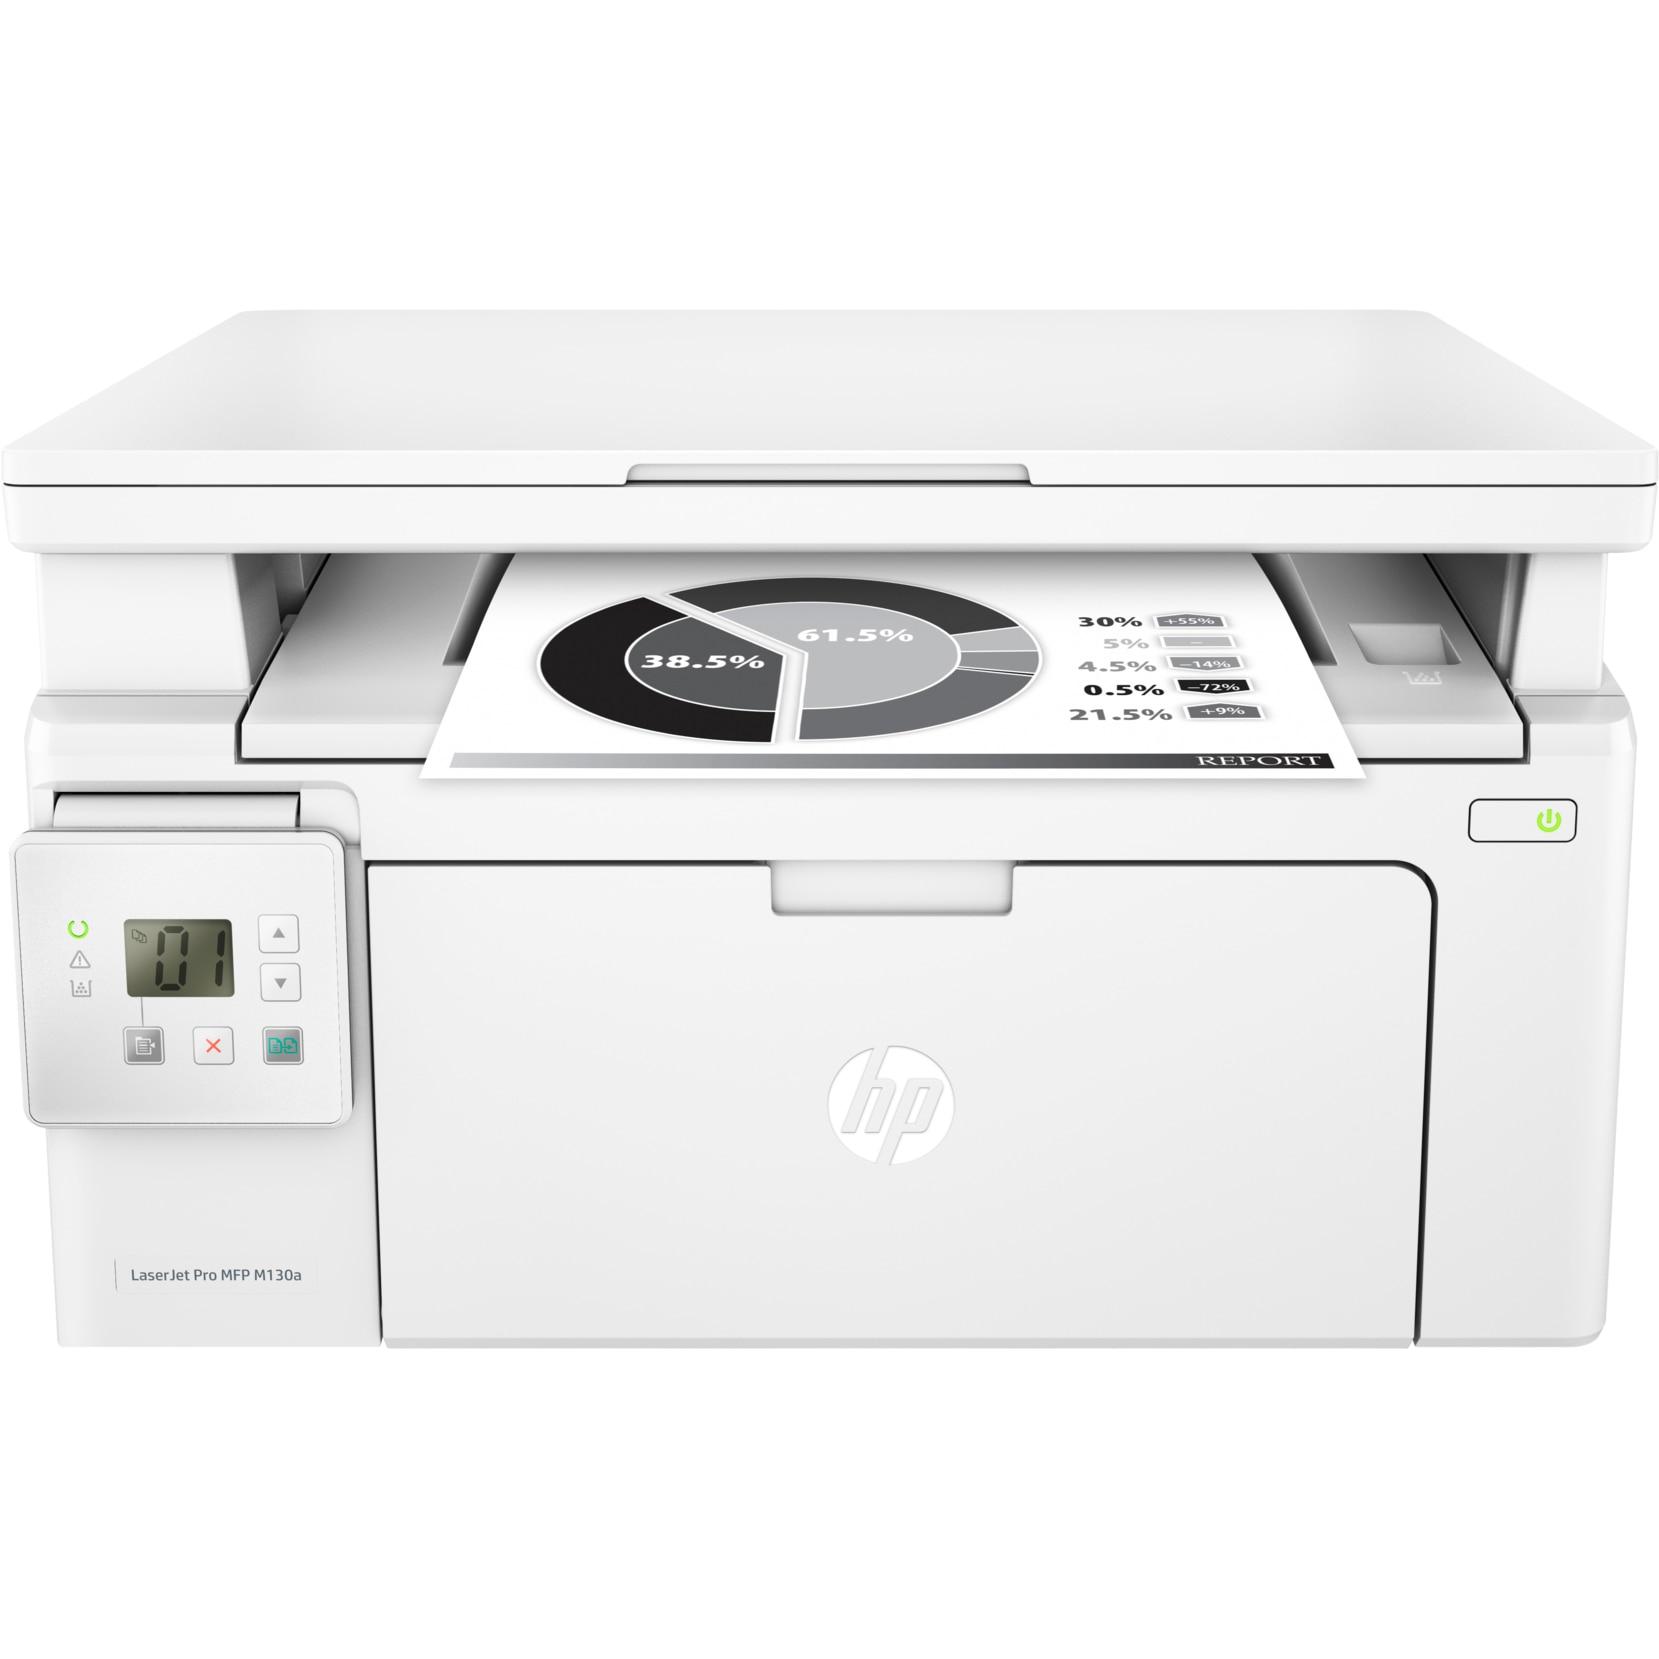 Fotografie Multifunctional laser monocrom HP LaserJet Pro MFP M130a, A4